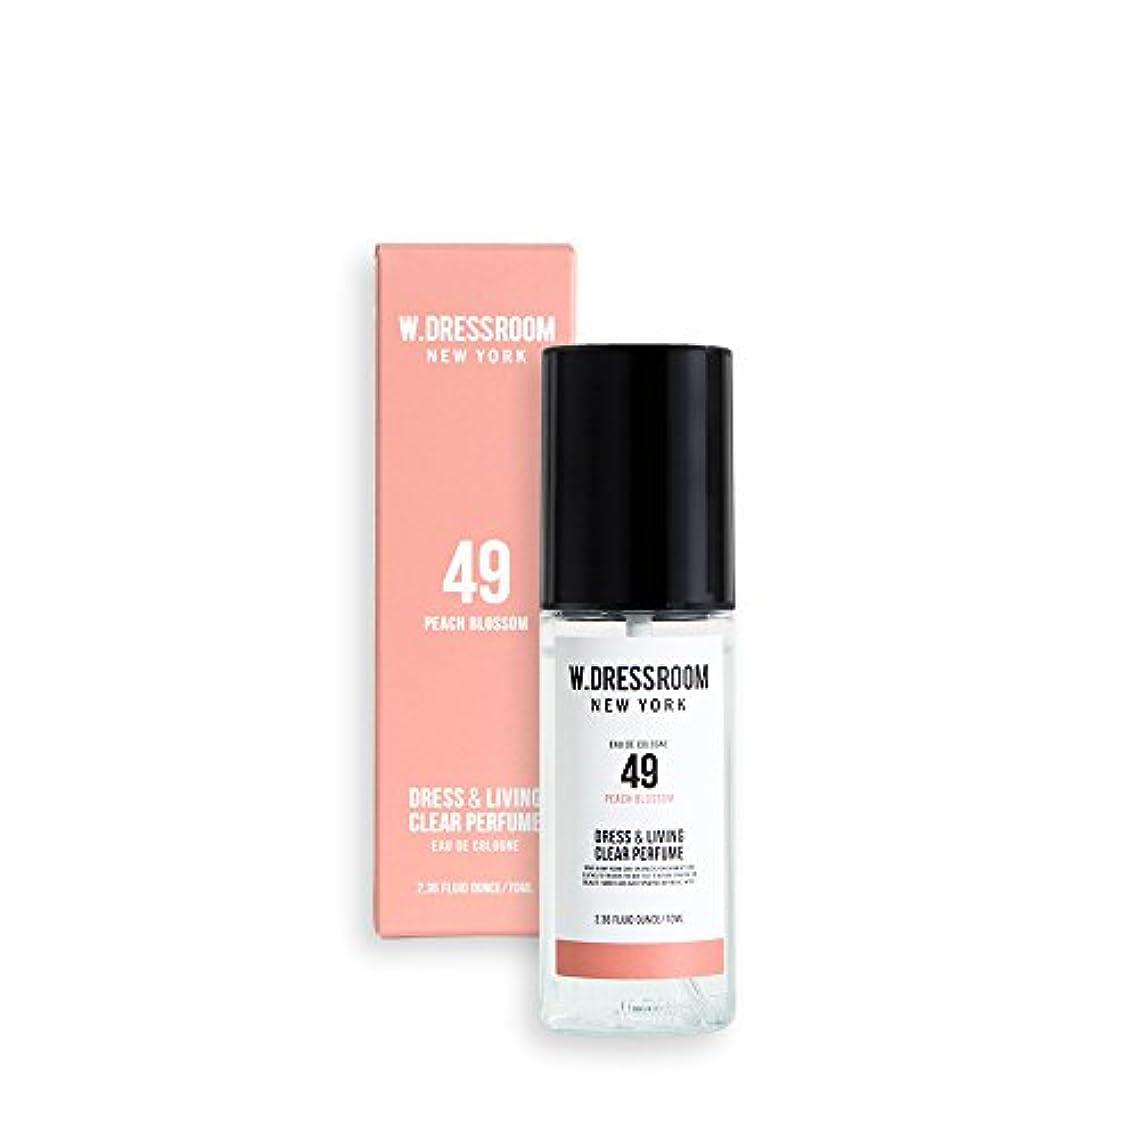 失業者偽造着服W.DRESSROOM Dress & Living Clear Perfume 70ml (#No.49 Peach Blossom)/ダブルドレスルーム ドレス&リビング クリア パフューム 70ml (#No.49...